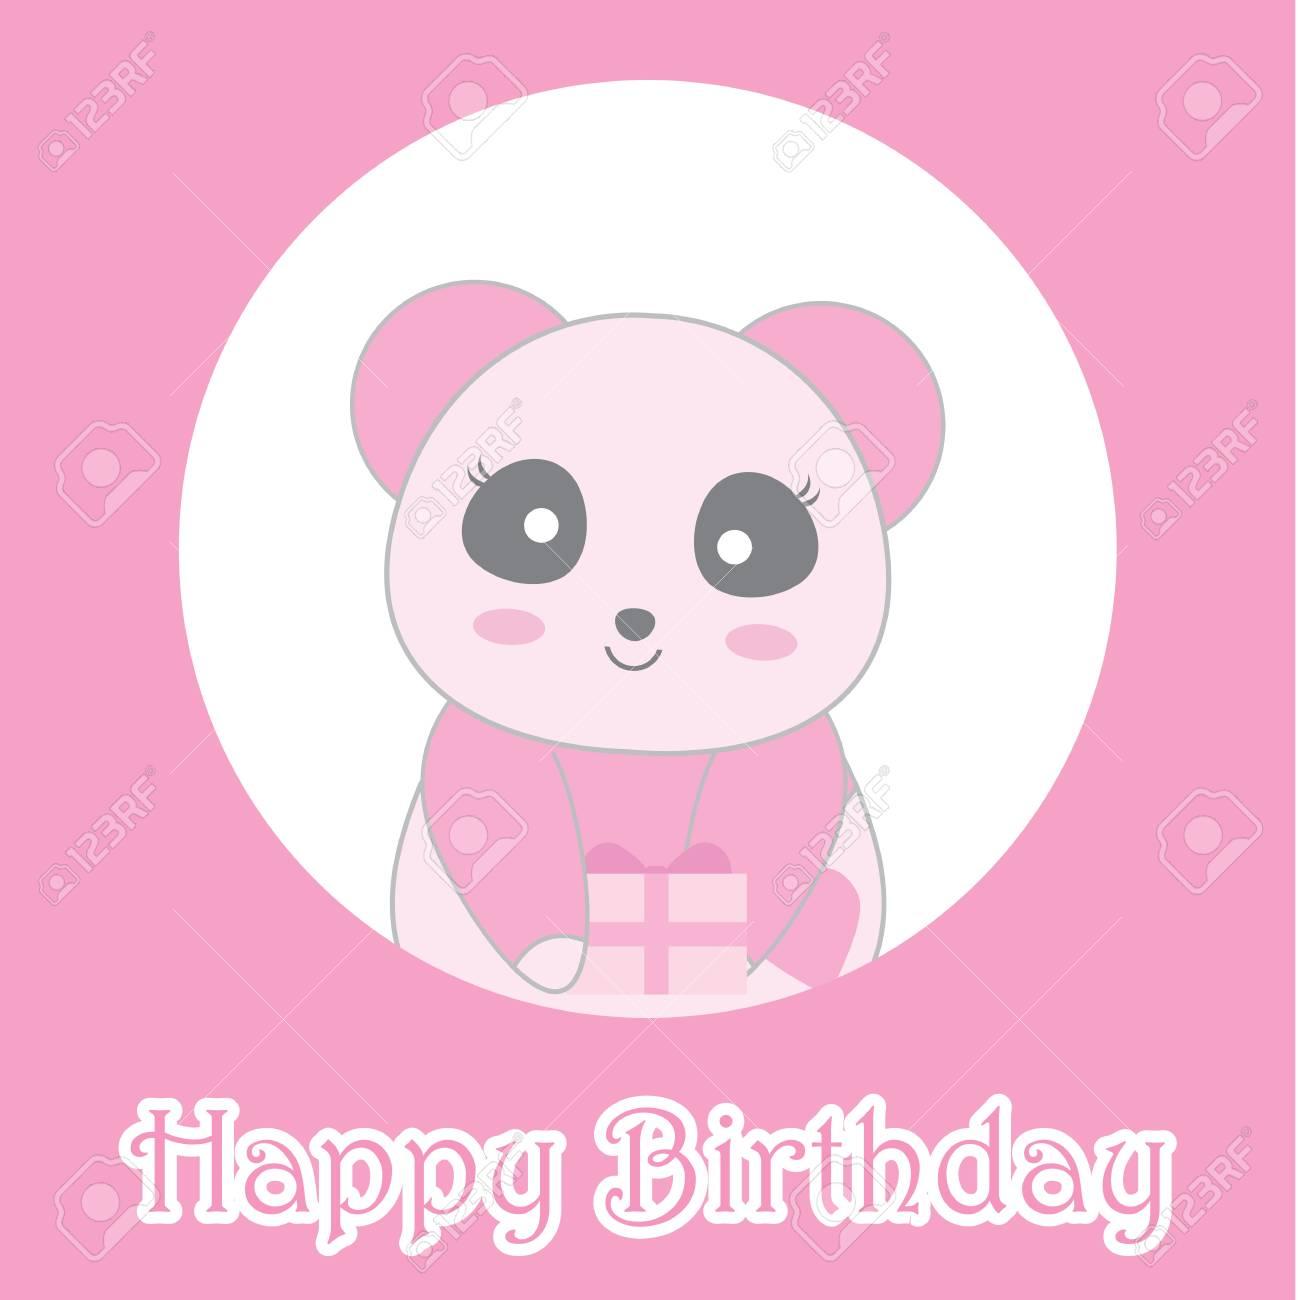 Illustration Danniversaire Avec Mignon Bébé Panda Rose Sur Cadre De Cercle Approprié Pour Carte Dinvitation Anniversaire Carte De Voeux Et